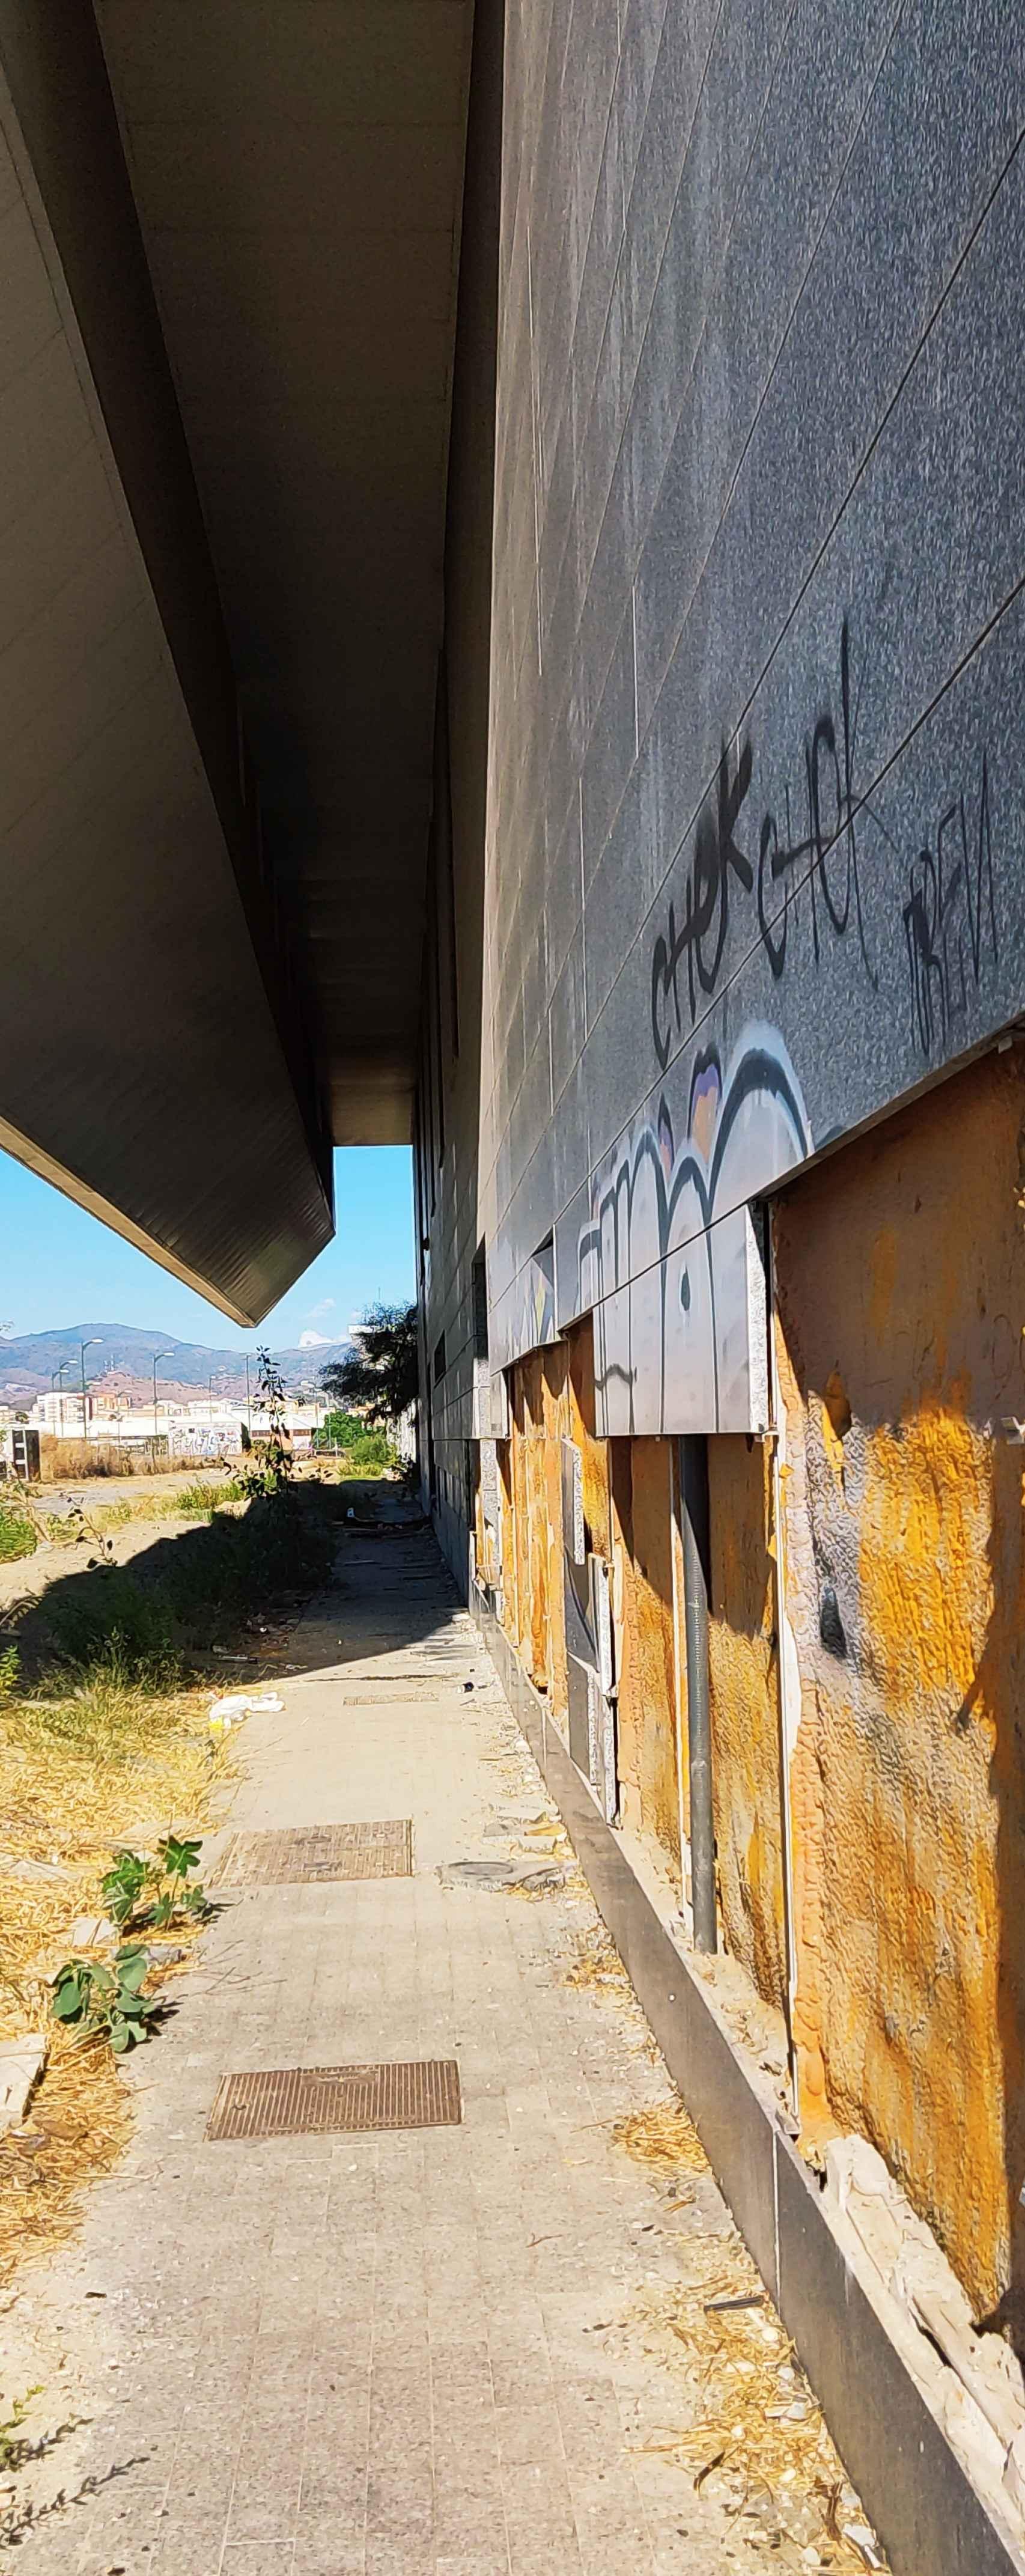 Trocos desprendidos de la fachada del edificio de la estación de Cercanías.